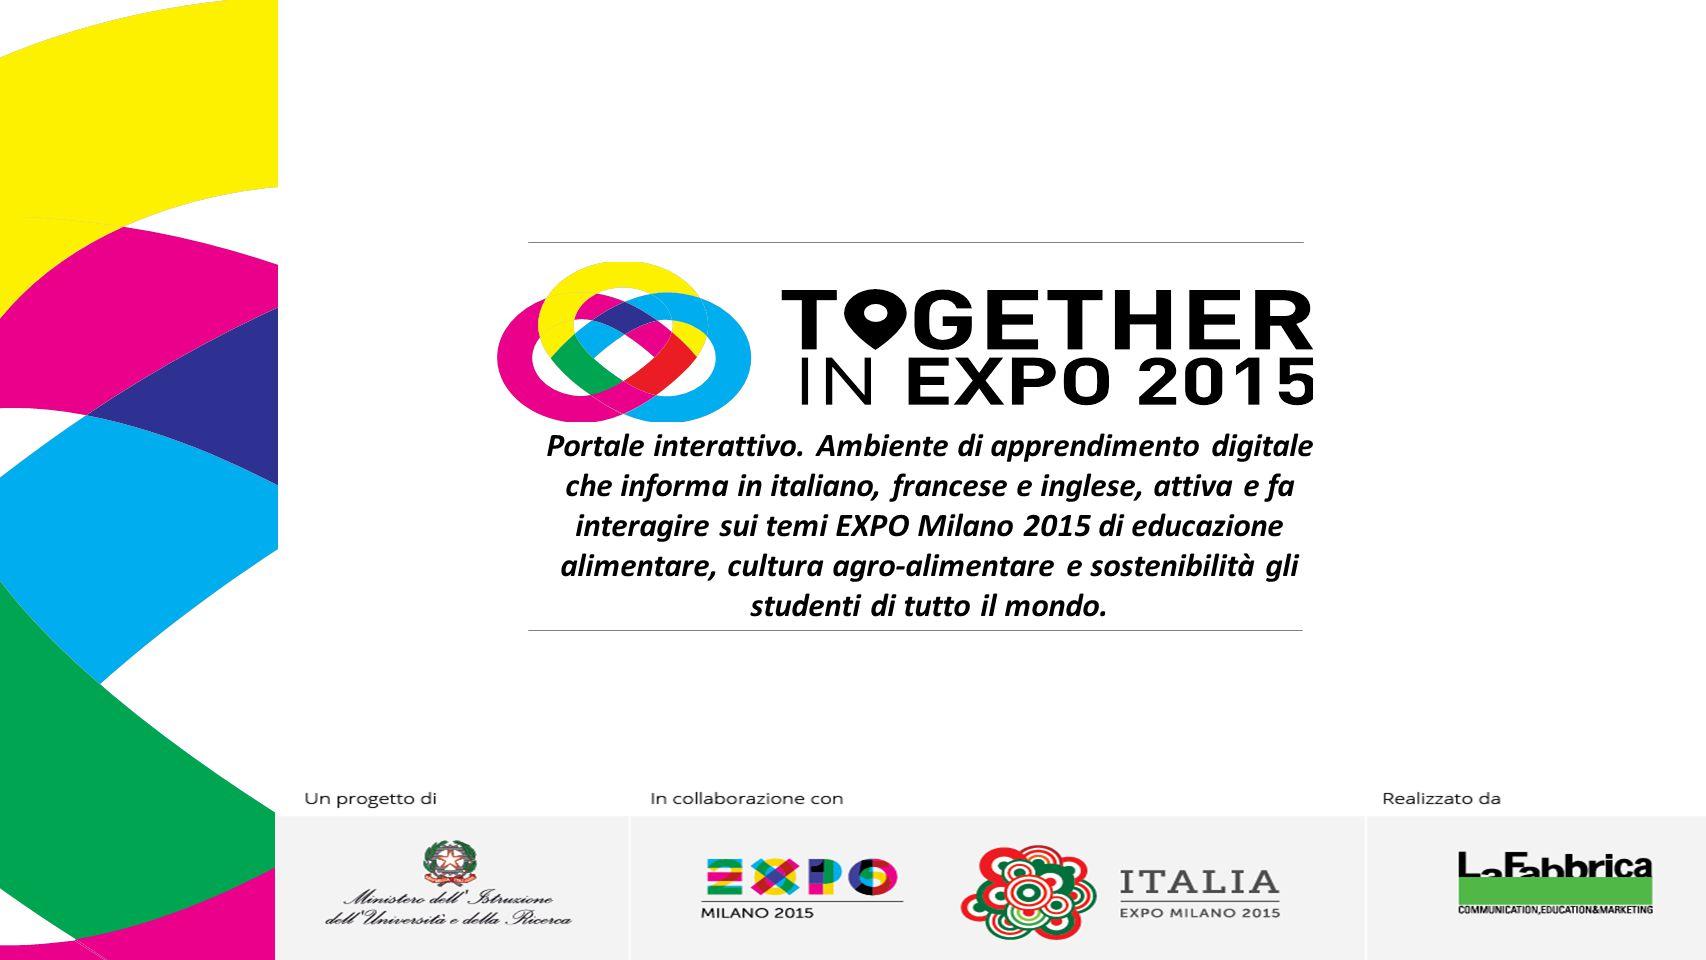 Portale interattivo. Ambiente di apprendimento digitale che informa in italiano, francese e inglese, attiva e fa interagire sui temi EXPO Milano 2015 di educazione alimentare, cultura agro-alimentare e sostenibilità gli studenti di tutto il mondo.